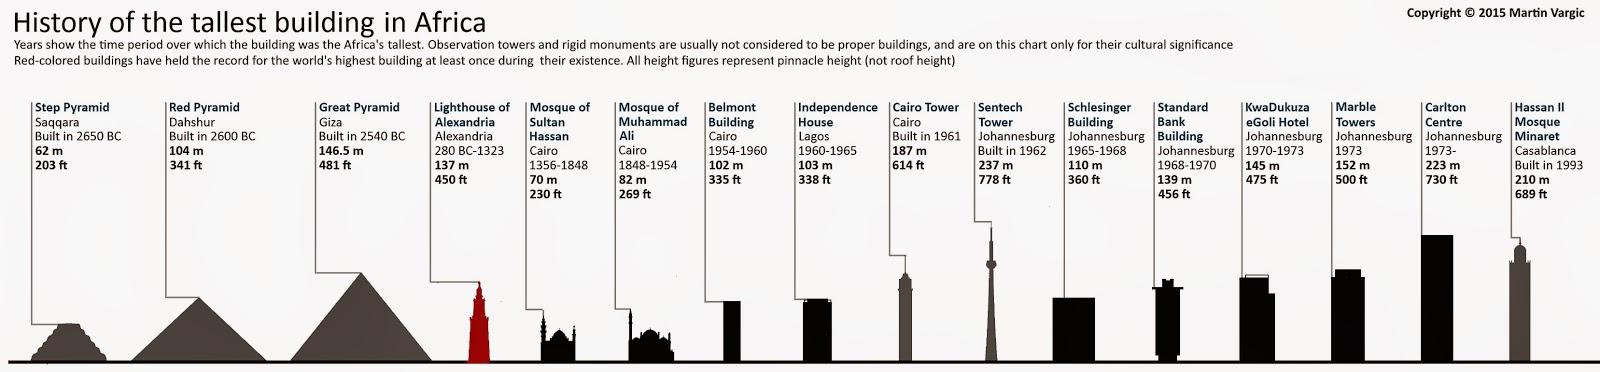 Las construcciones más altas de África. Las construcciones más altas del mundo